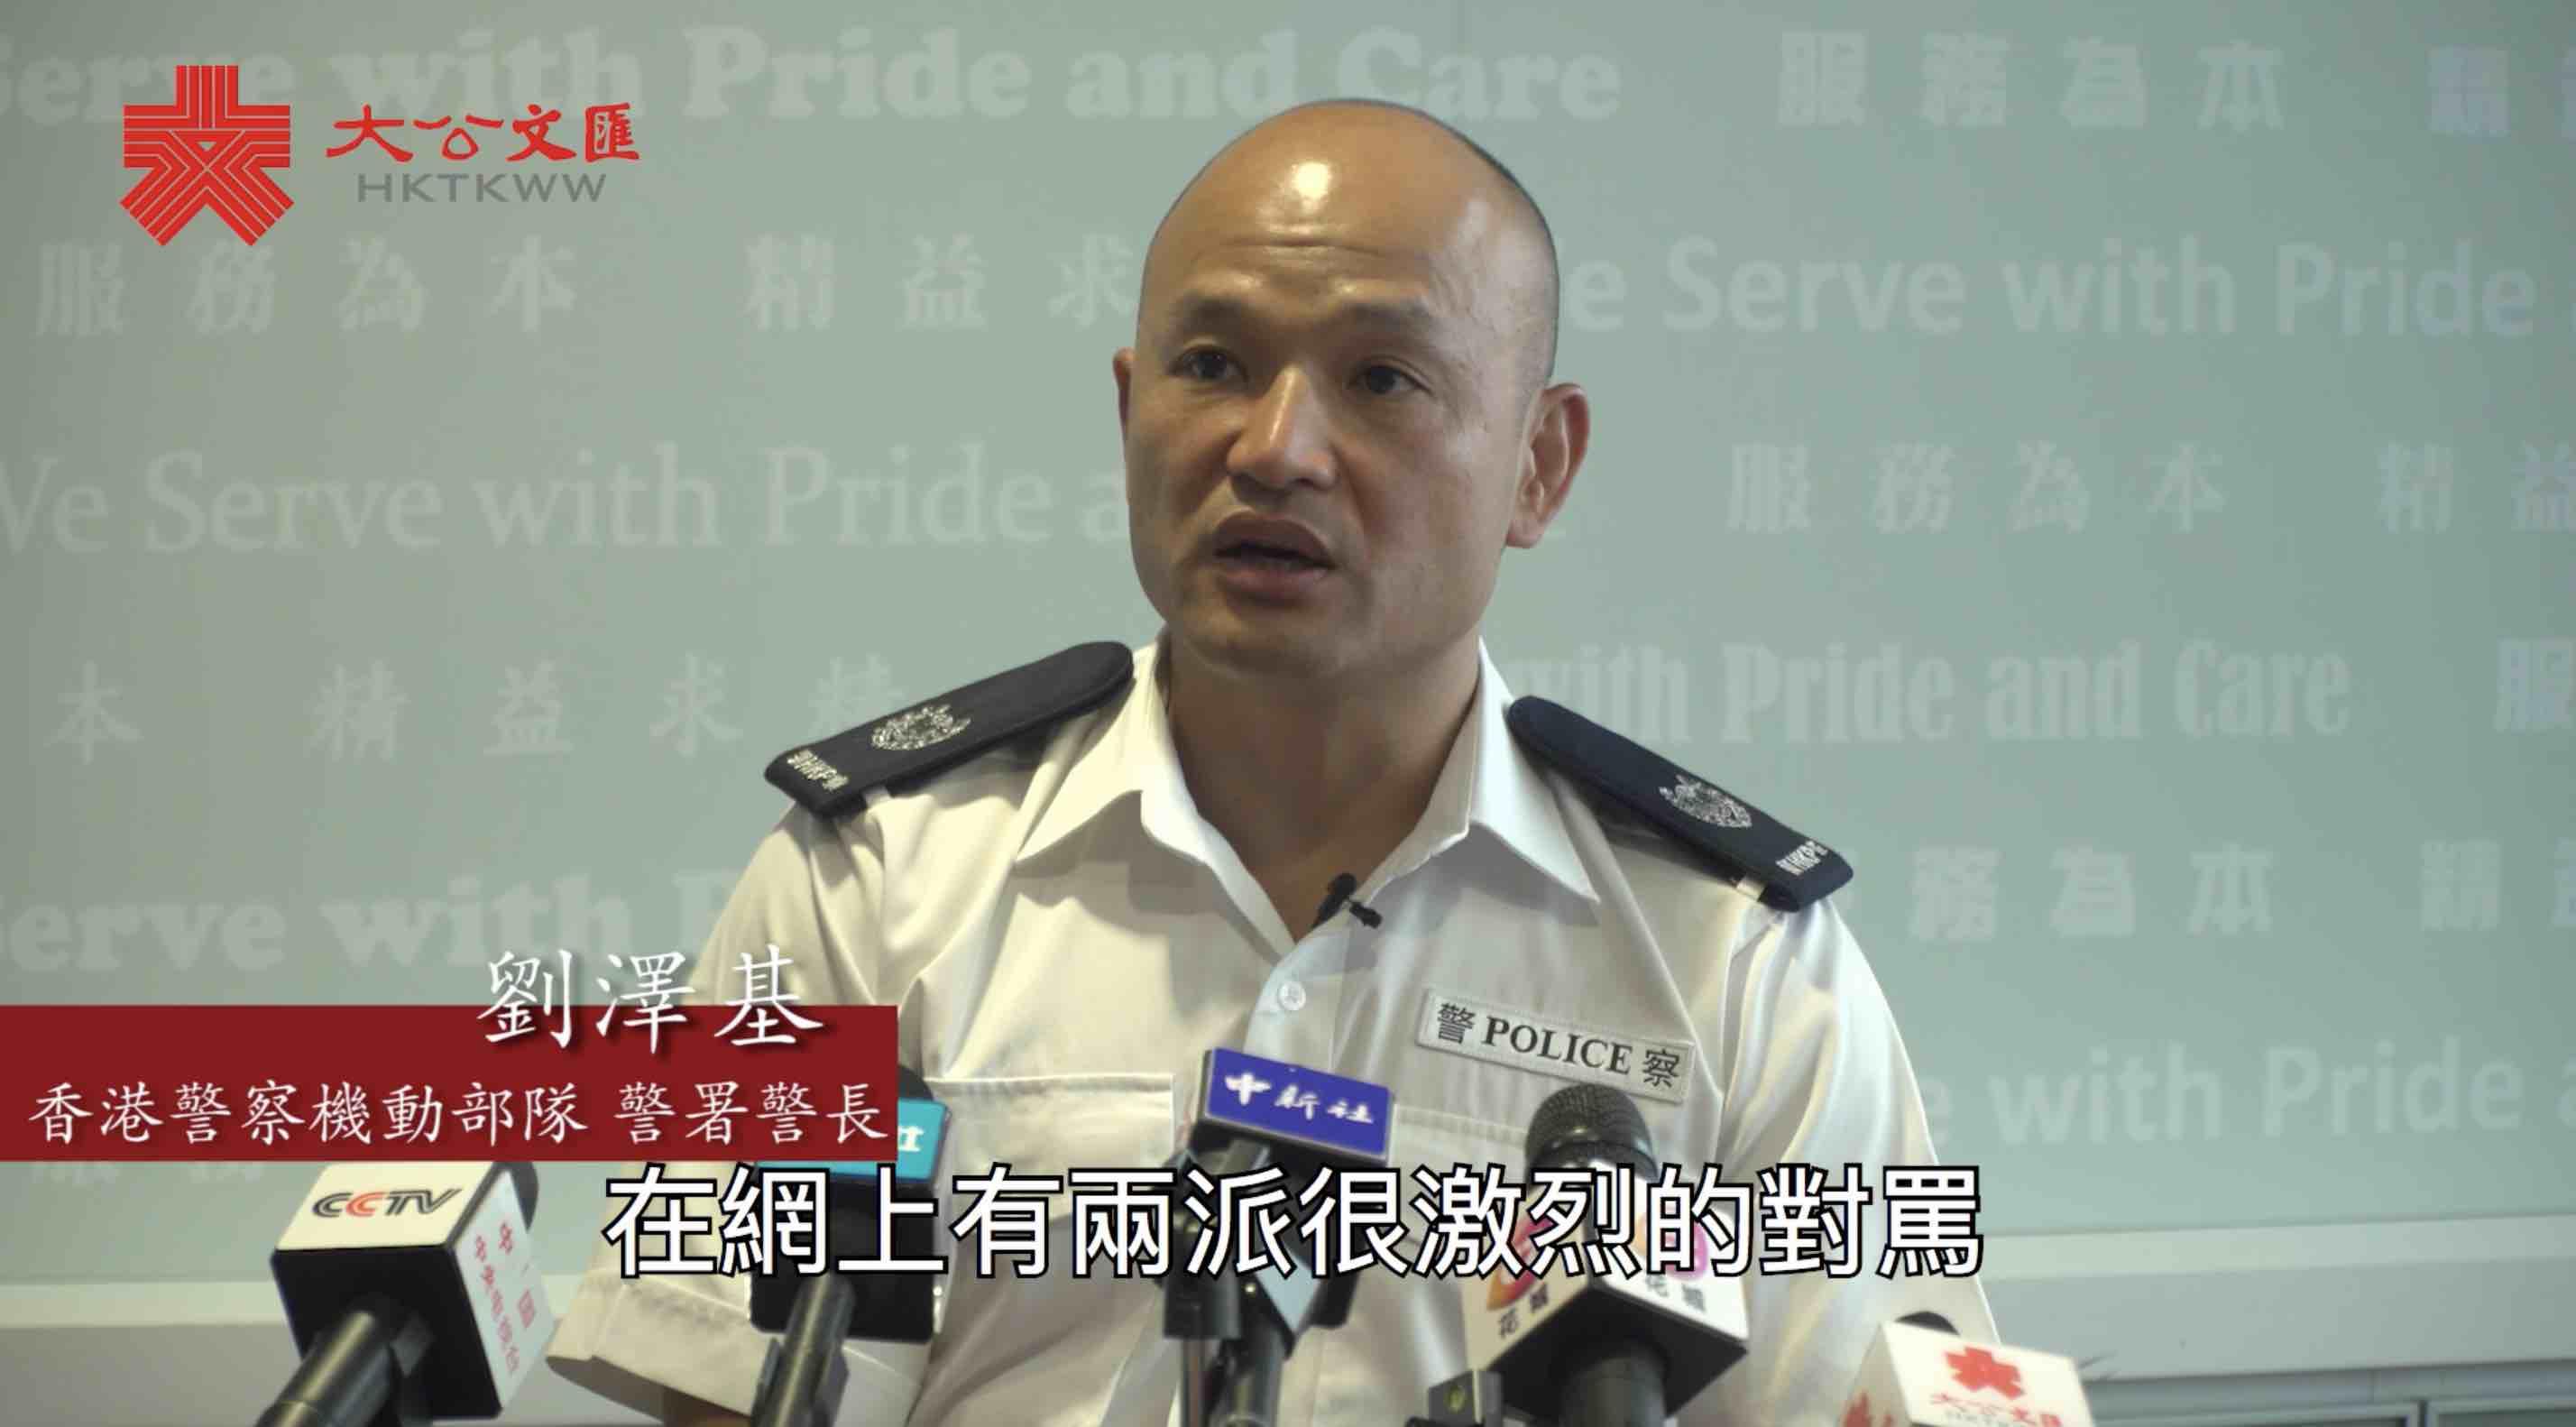 「光頭警長」劉sir:香港教育須調整 讓年青人更了解中國